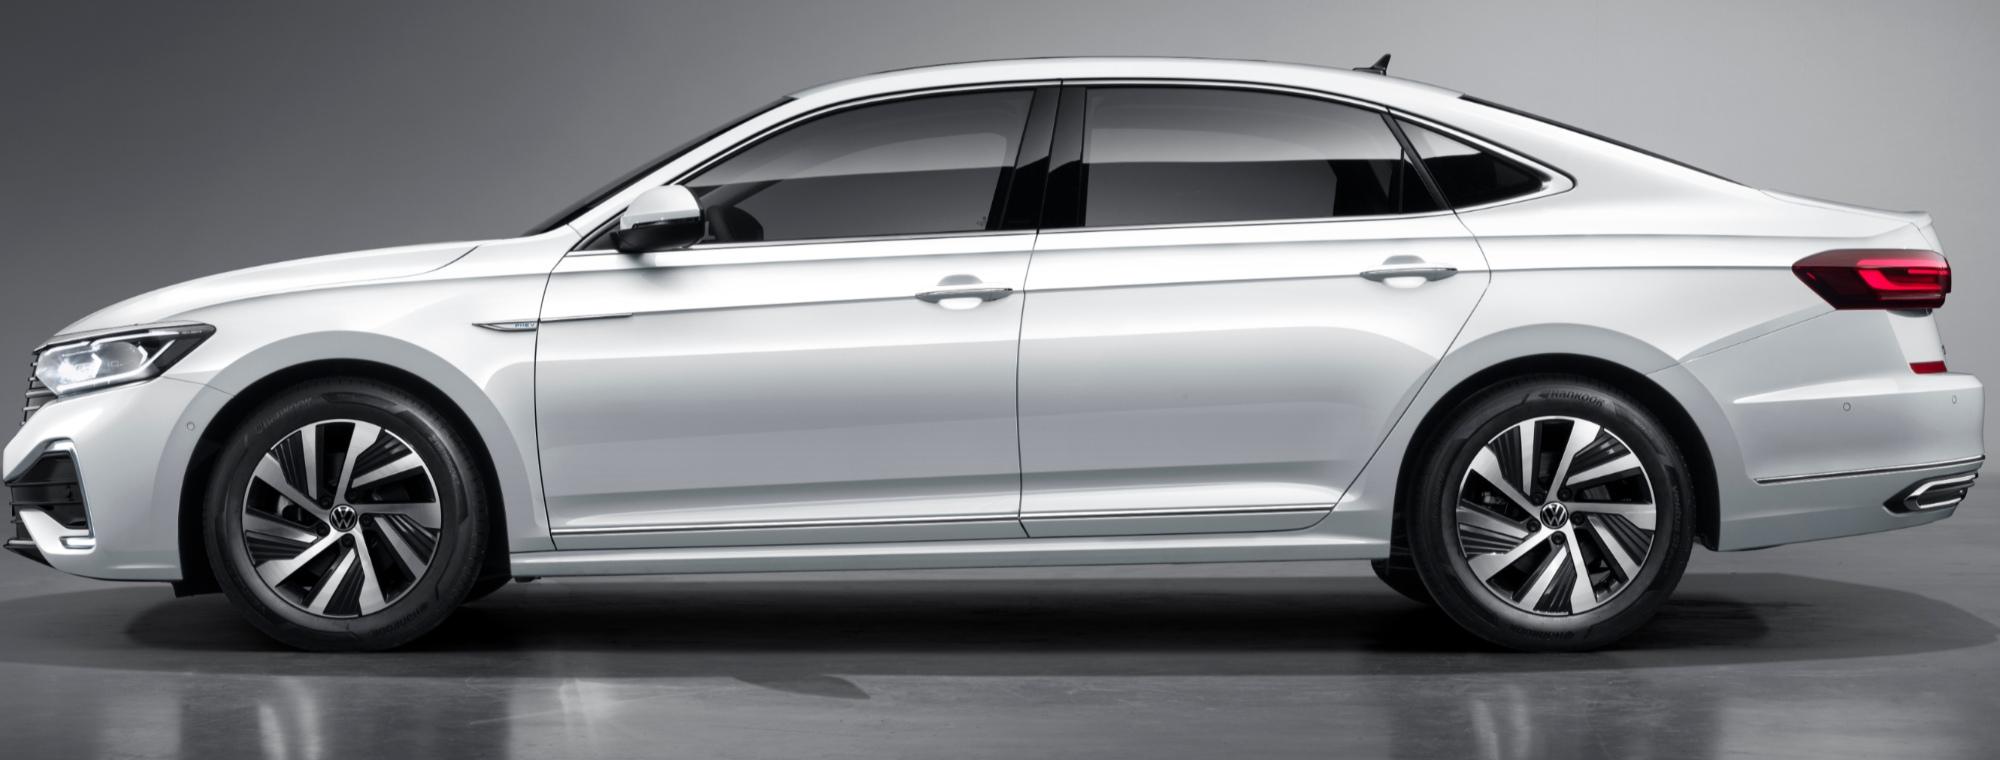 Novo Volkswagen Passat 2021 China Frente